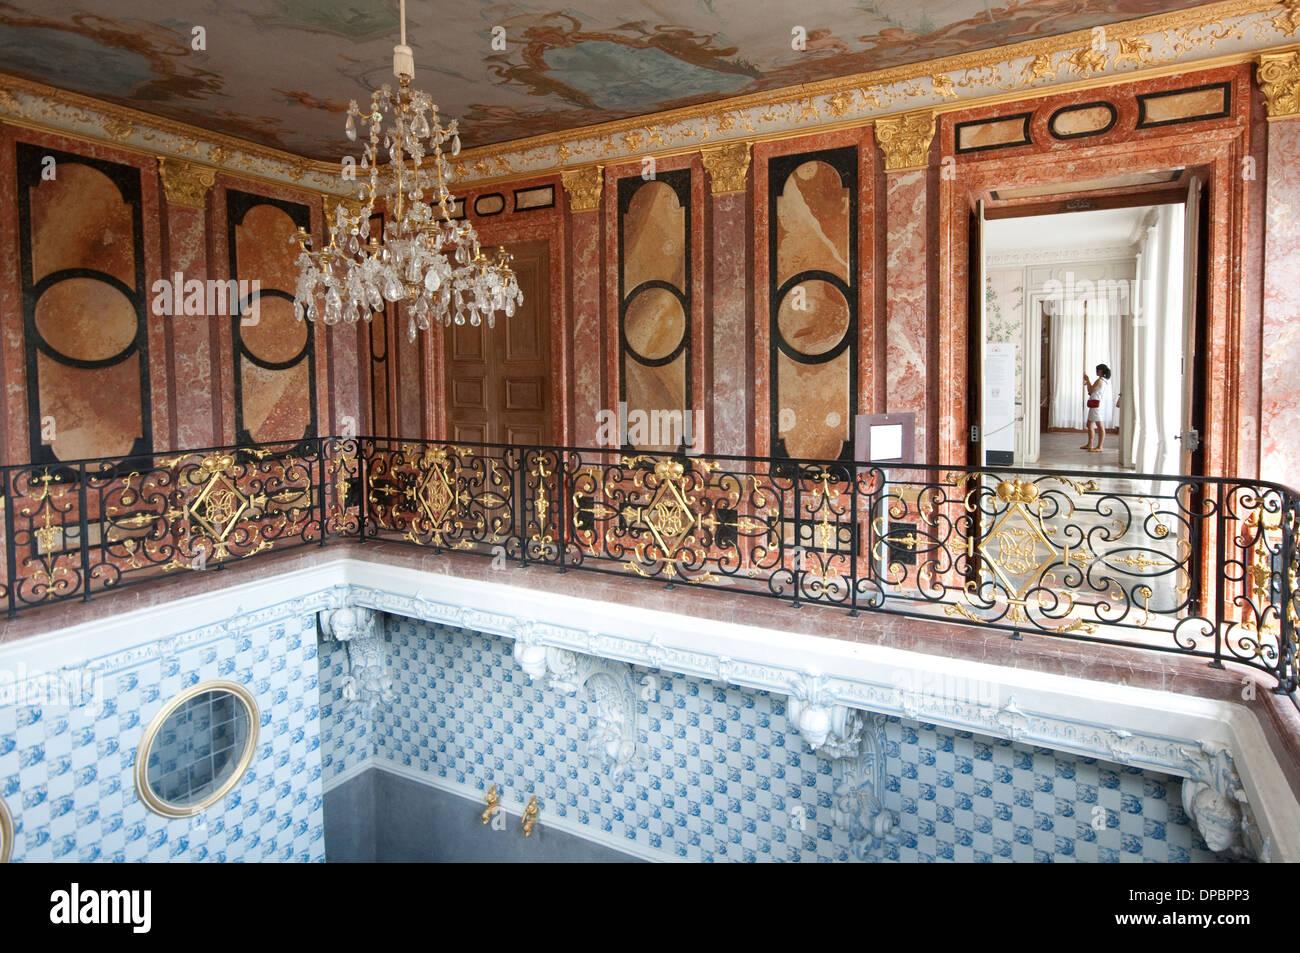 deutschland bayern m nchen schloss nymphenburg badenburg innen bad mit delfter kacheln. Black Bedroom Furniture Sets. Home Design Ideas